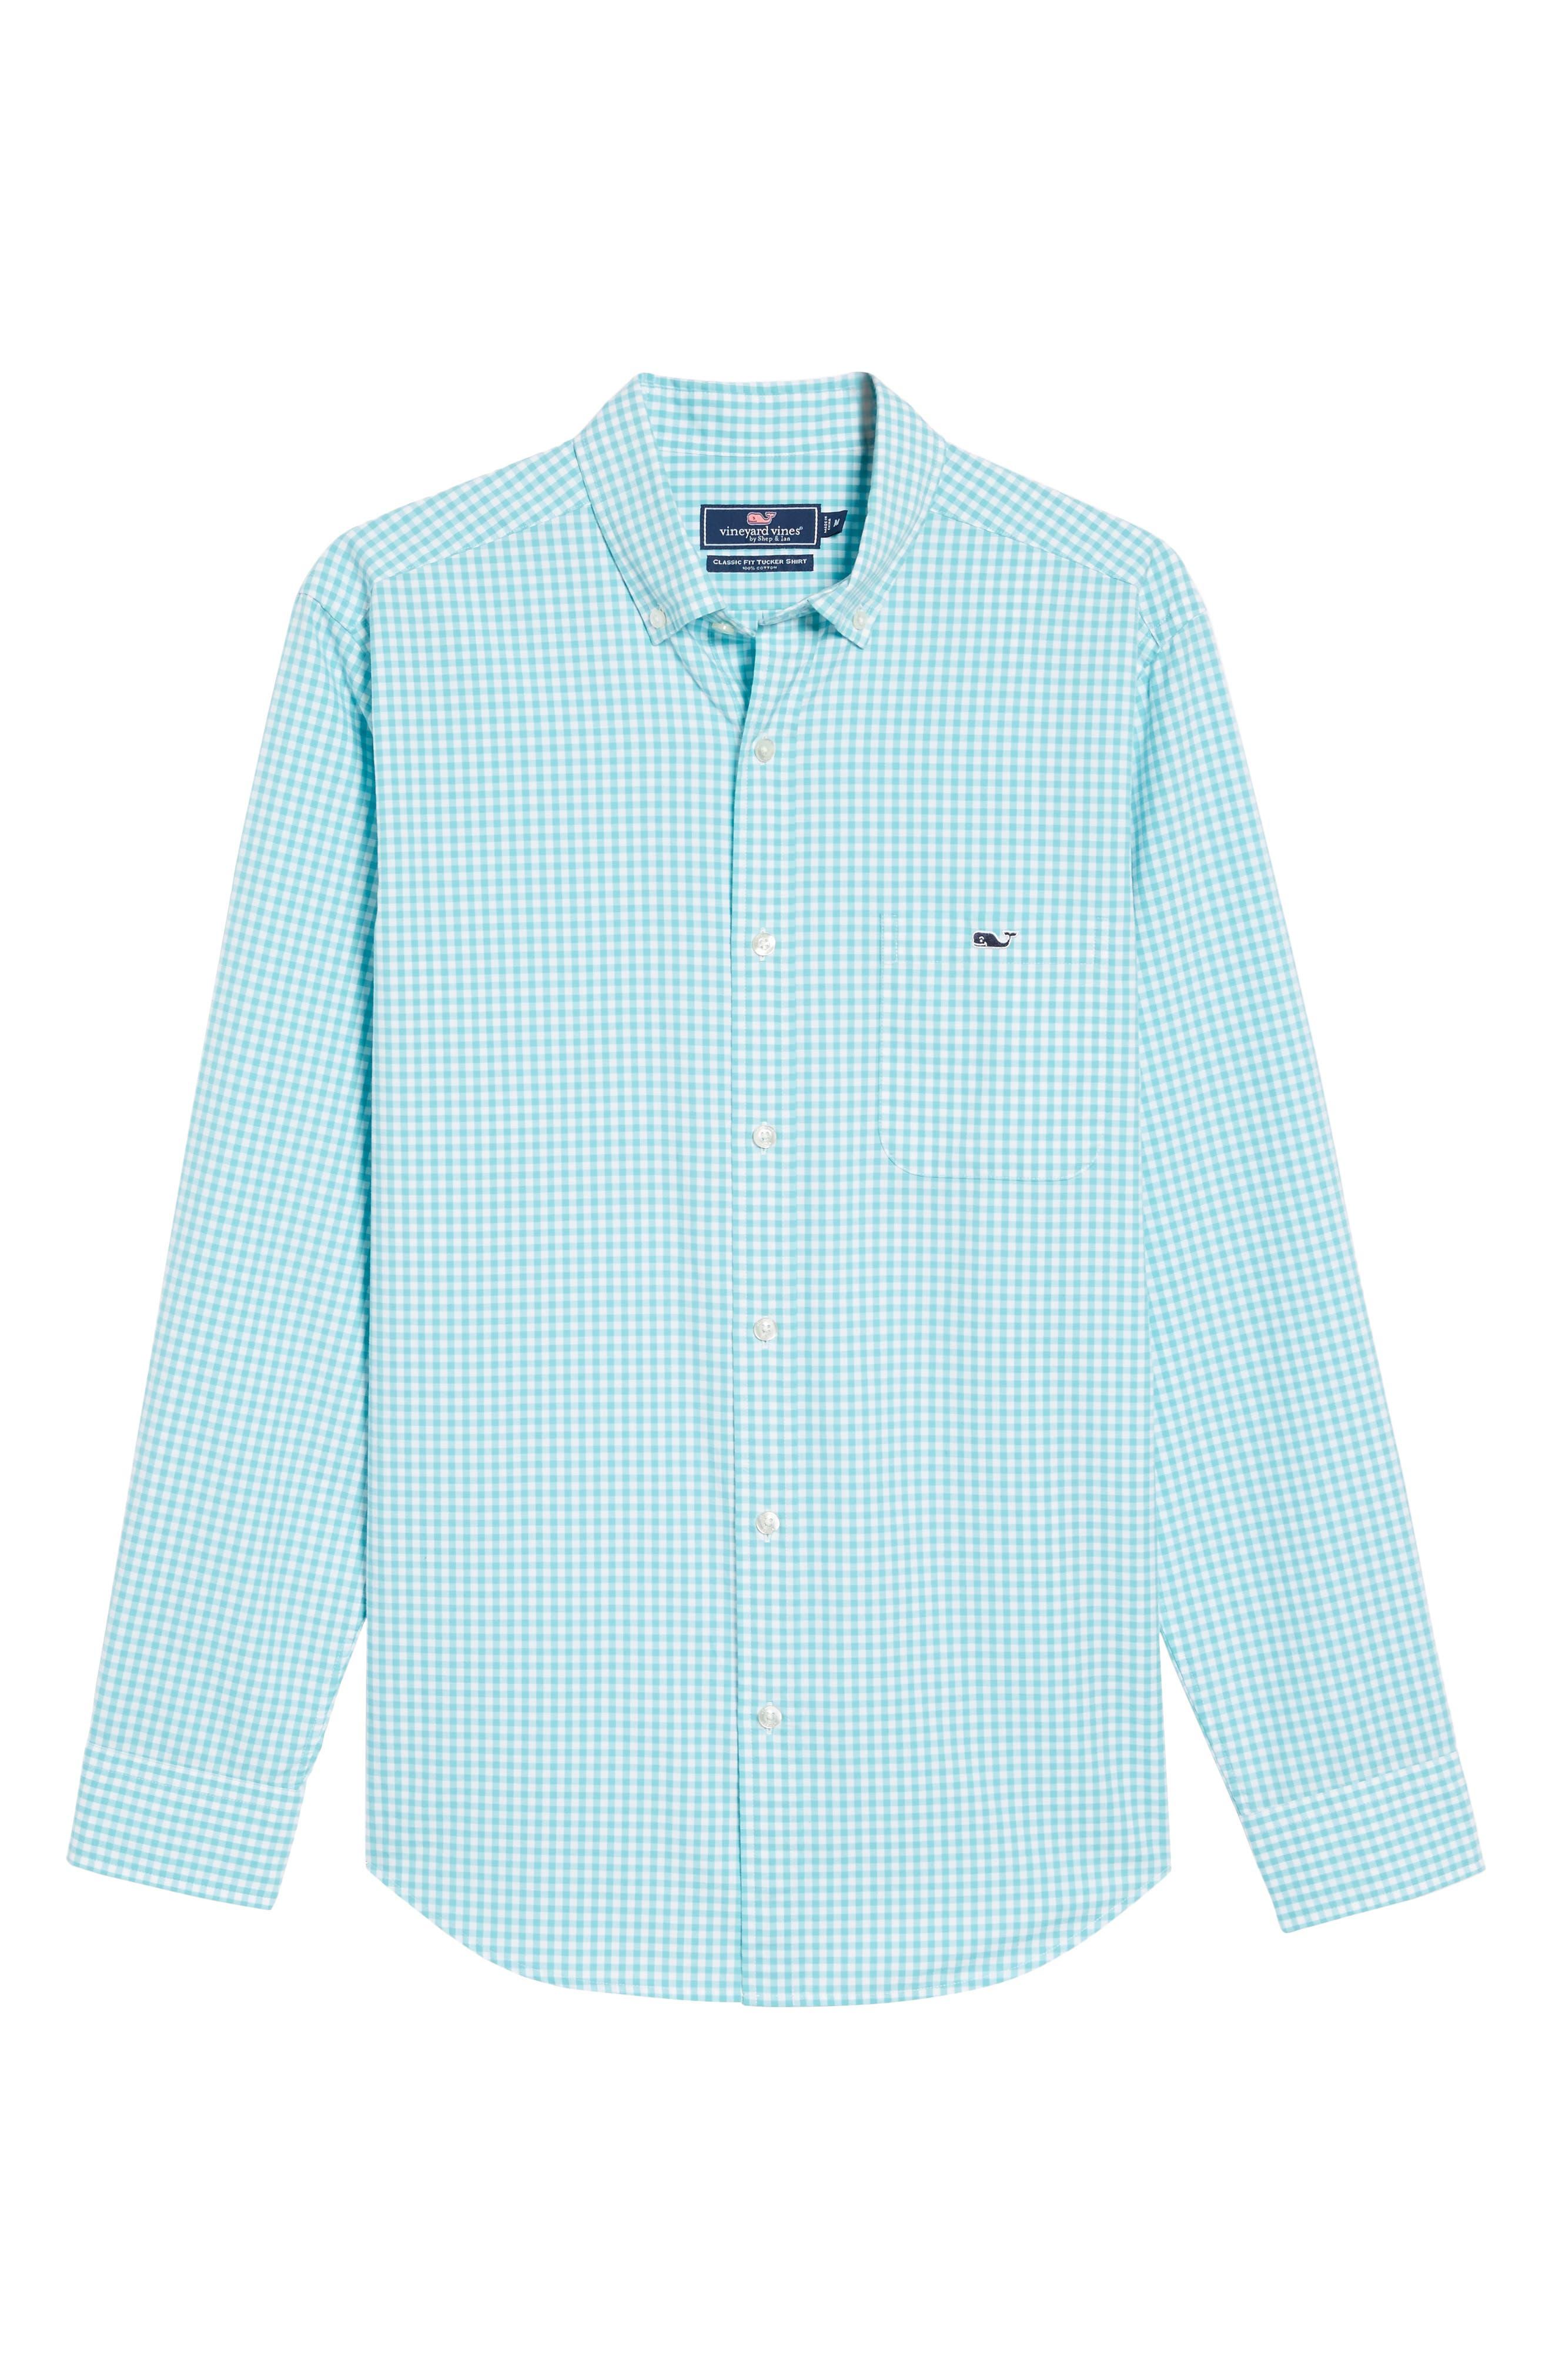 VINEYARD VINES,                             Seafloor Tucker Gingham Sport Shirt,                             Alternate thumbnail 6, color,                             302